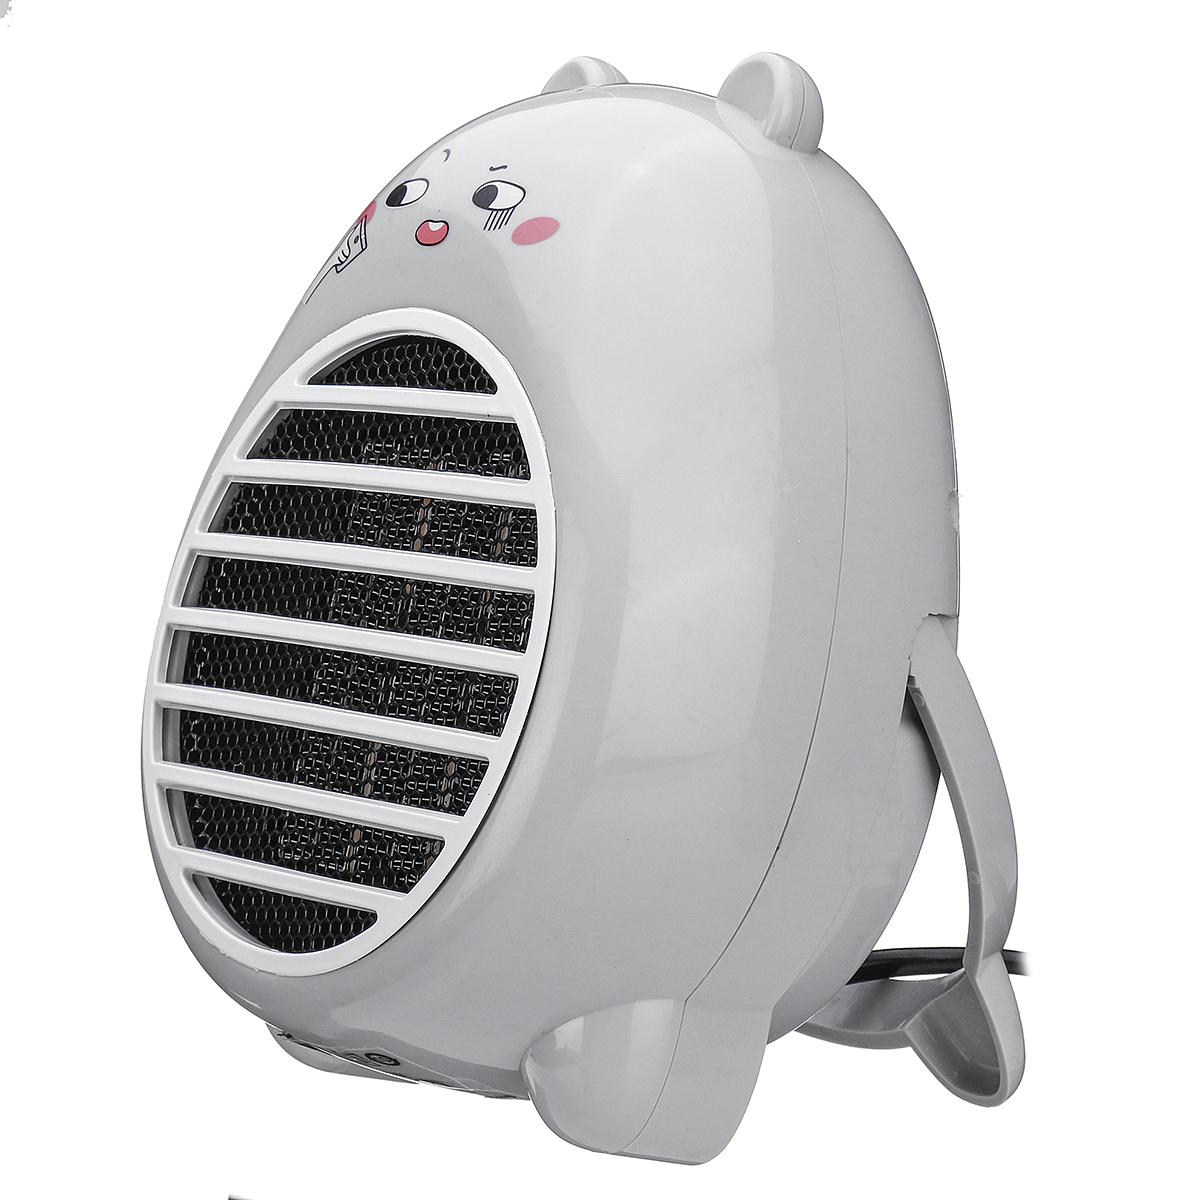 Нагреватель Cartoon Warming Equipment Настольный электрический Нагреватель Вентилятор